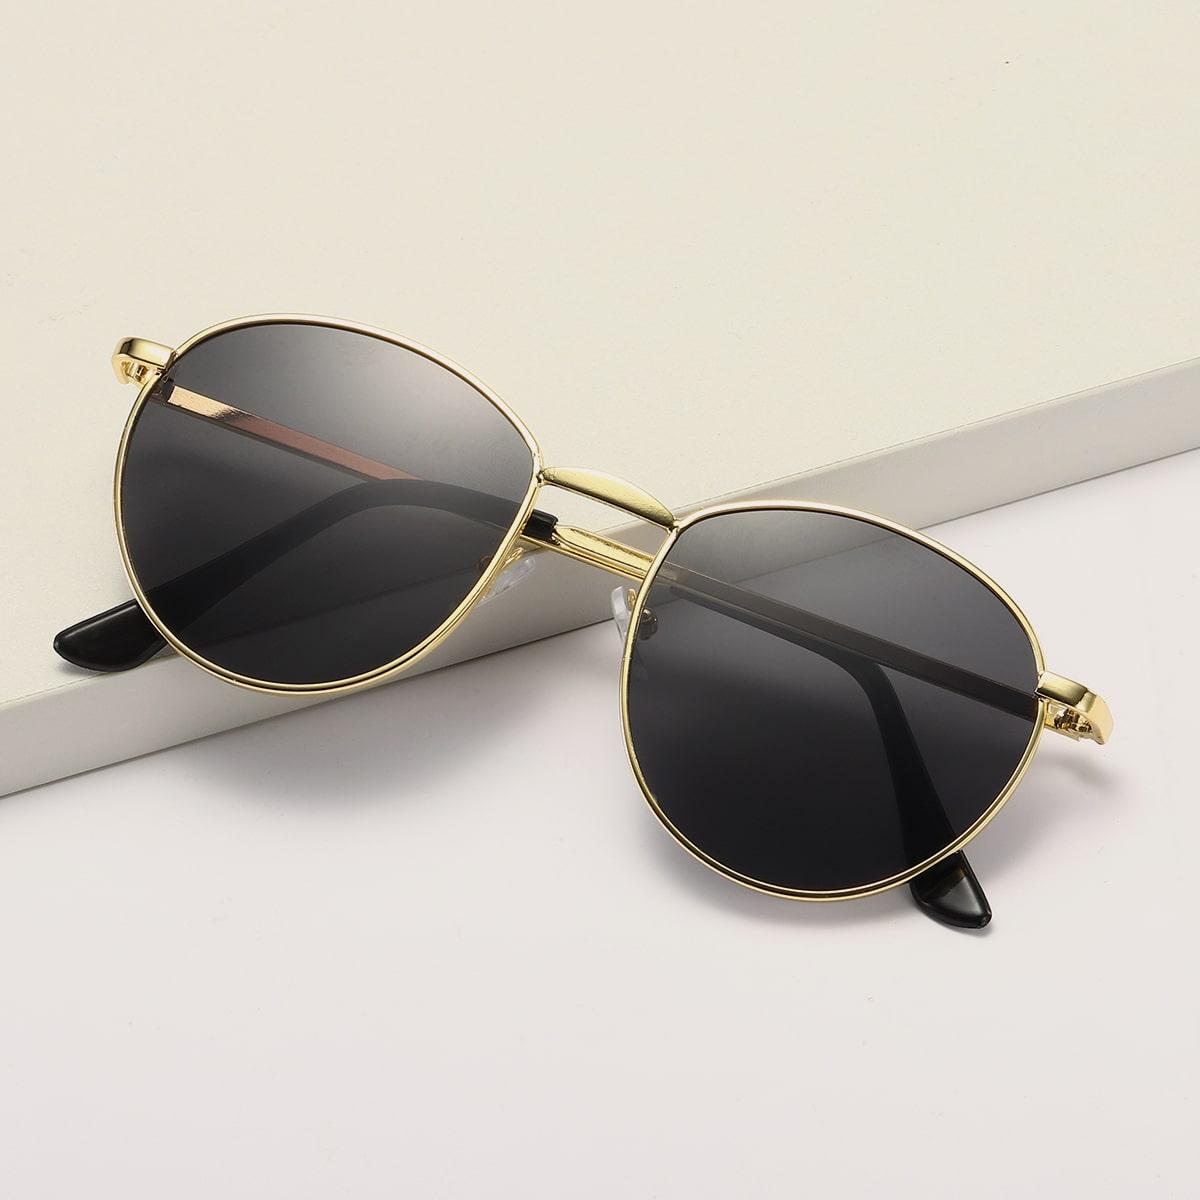 Круглые солнечные очки с футляром